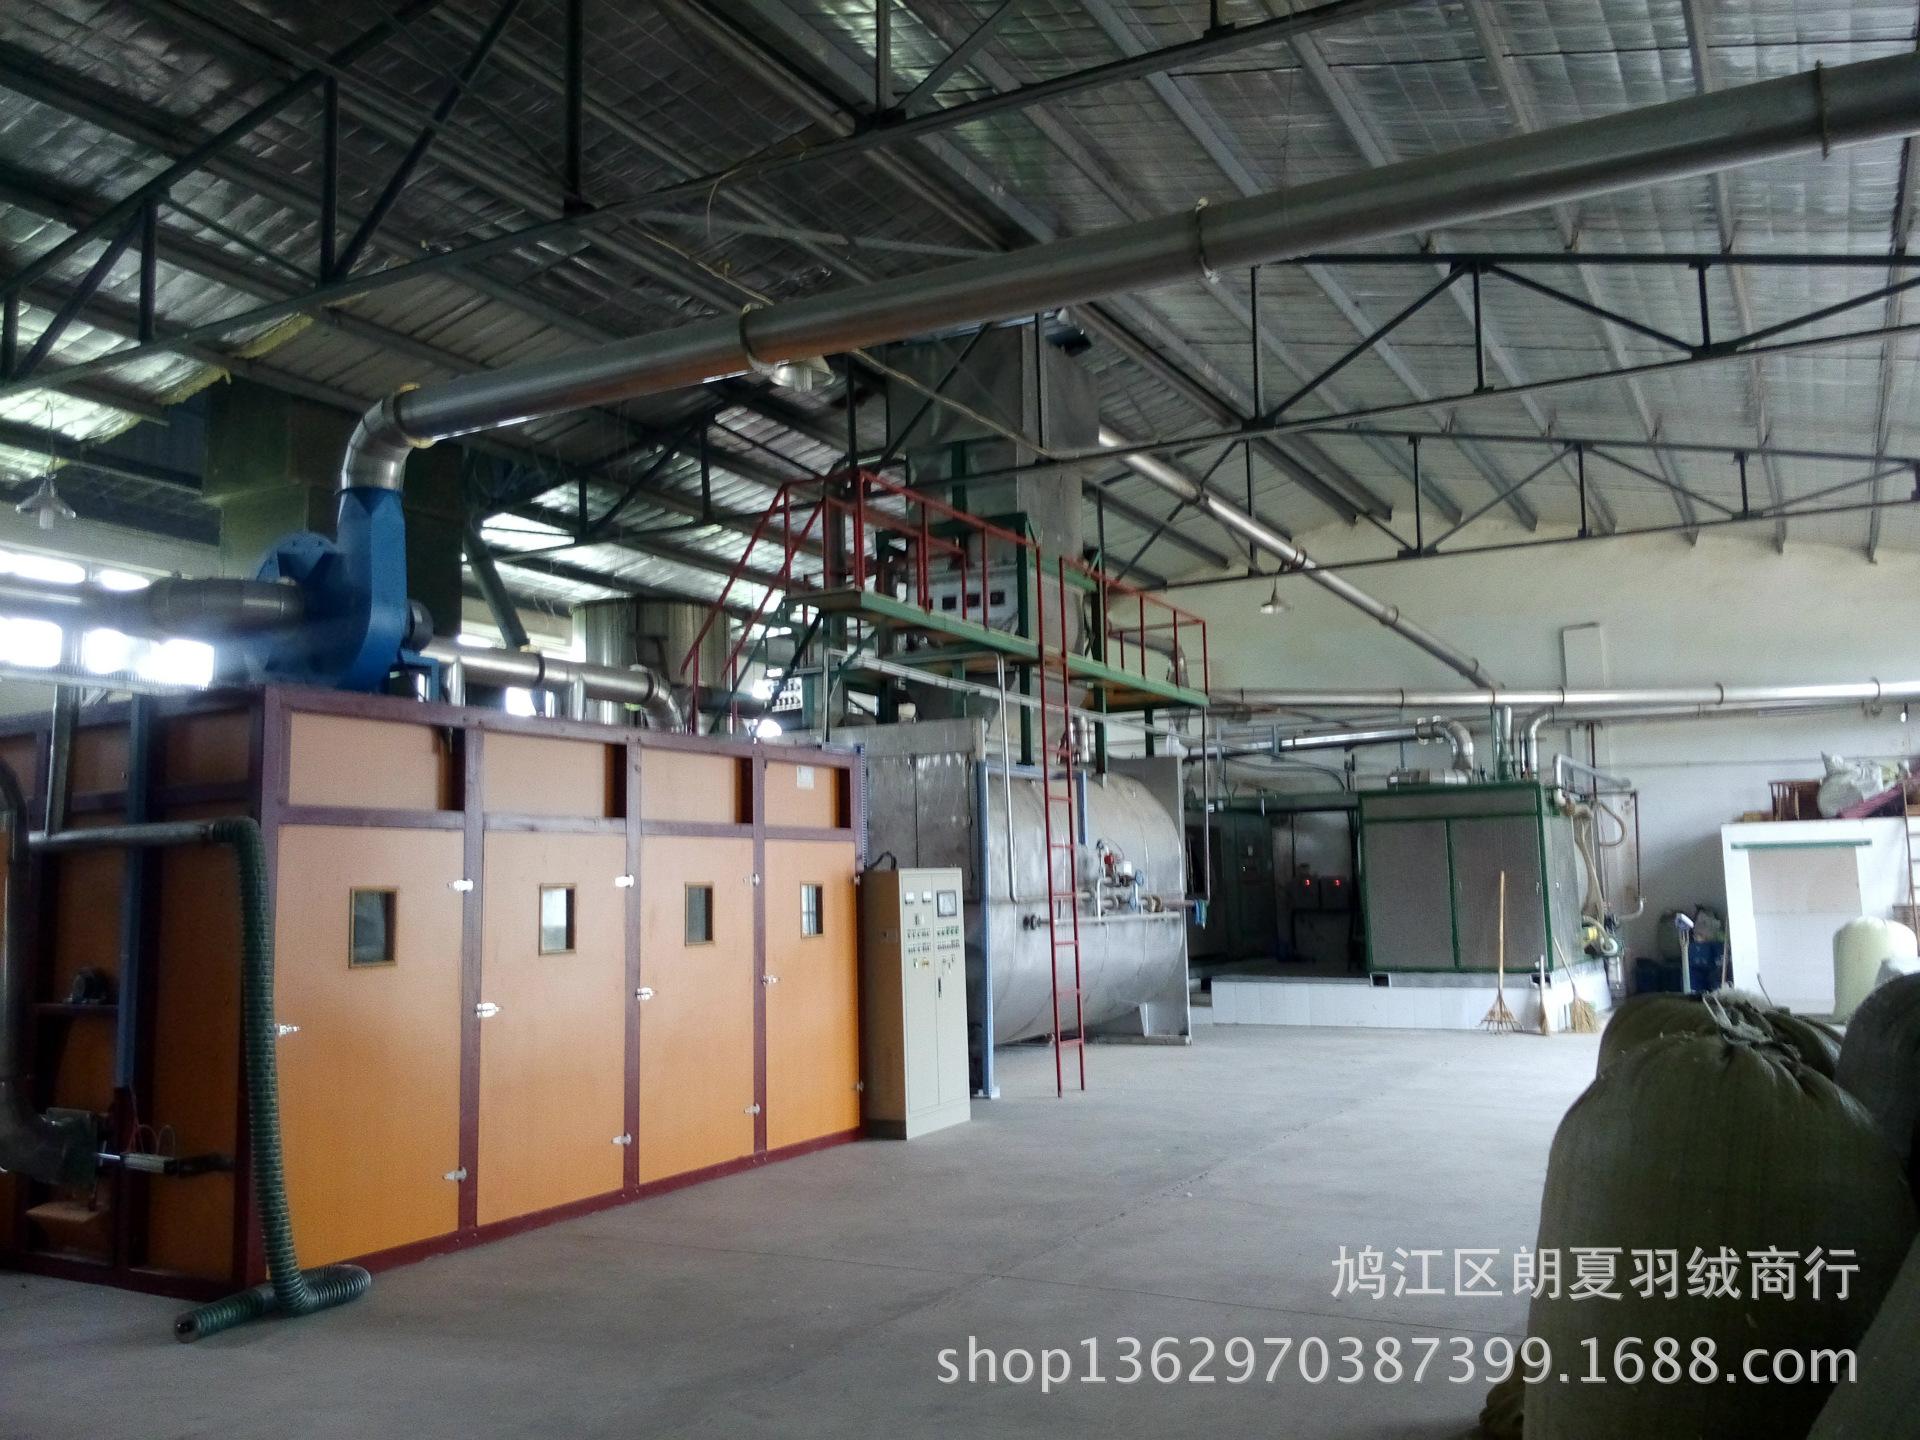 店面和工厂